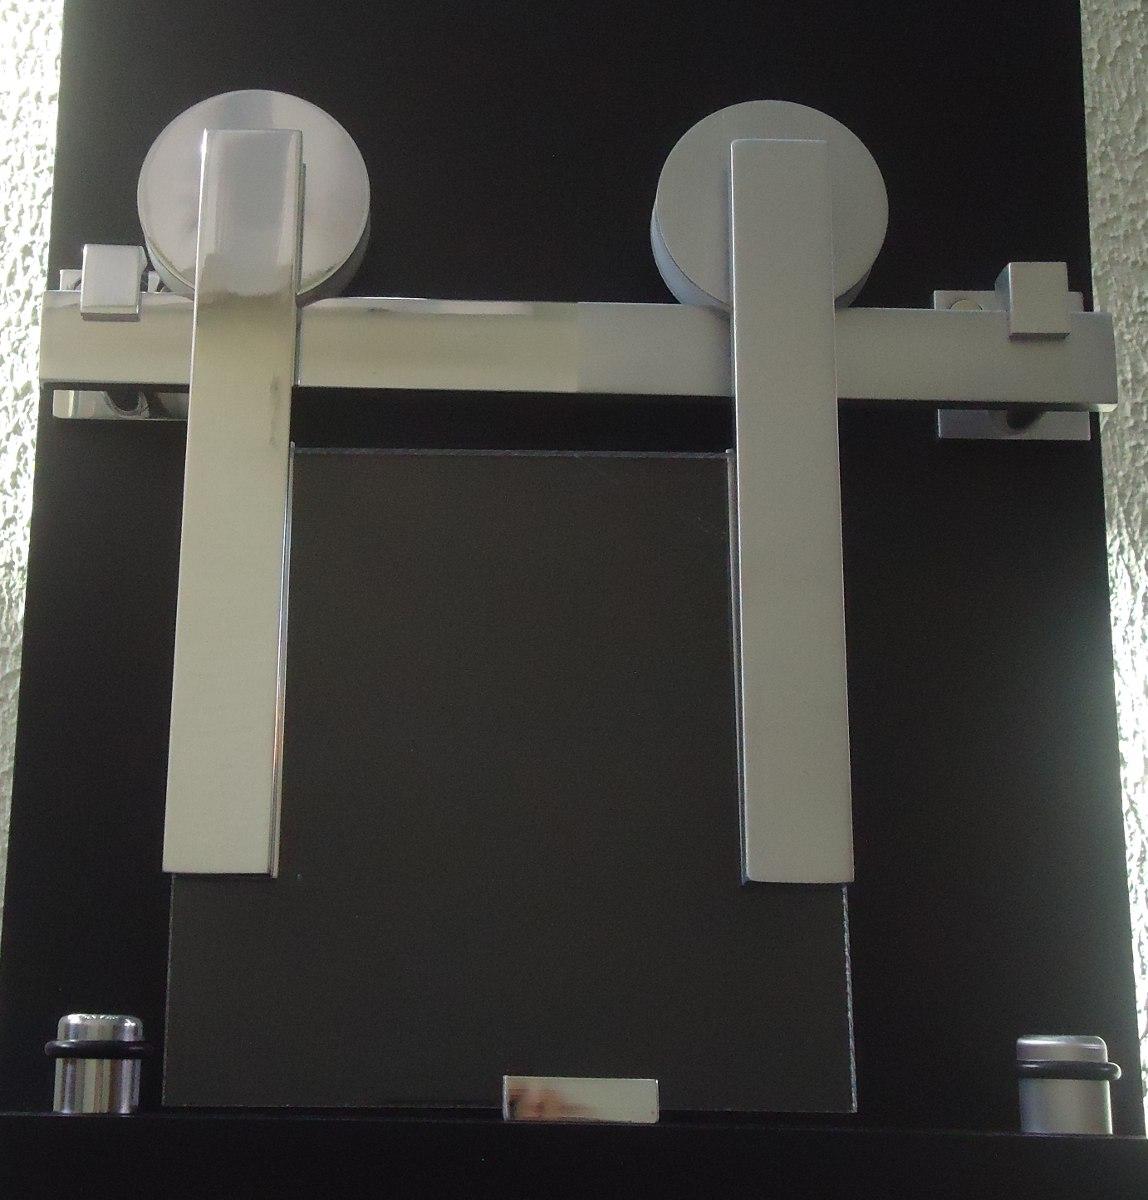 #5C4F47 kit porta de correr roldana aparente para porta de vidro 1096 Portas E Janelas De Aluminio Na Leroy Merlin